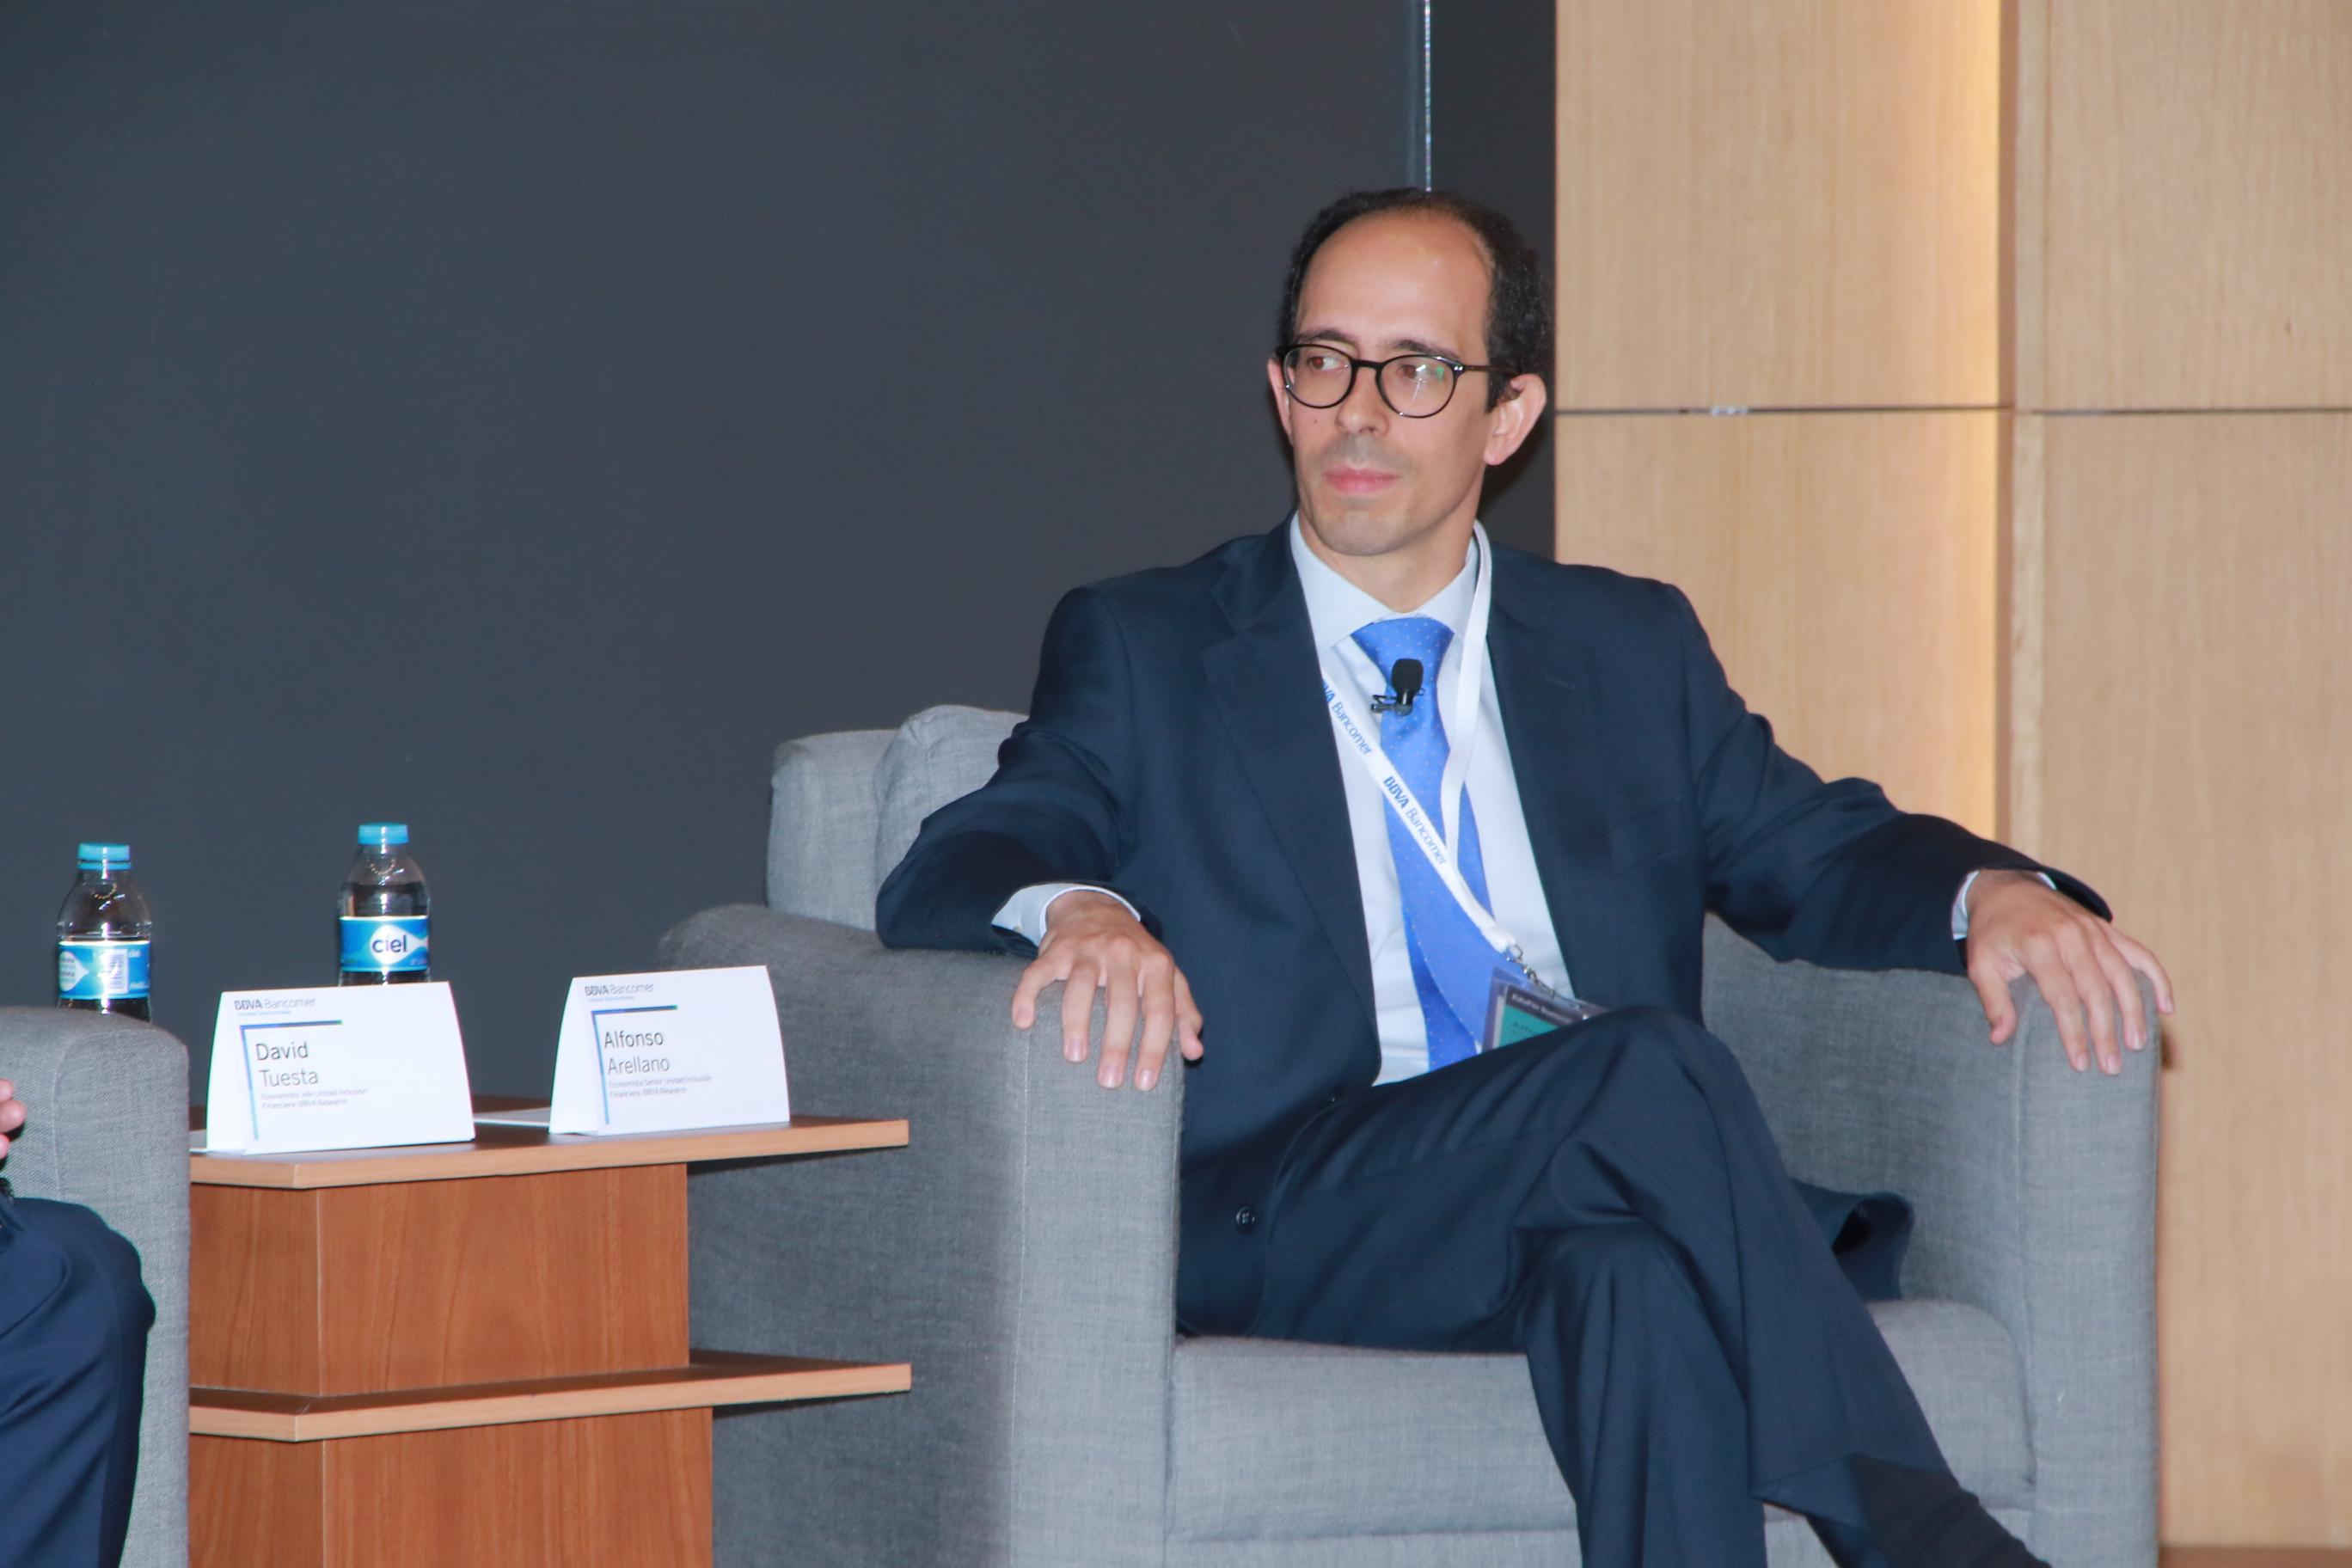 Alfonso Arellano